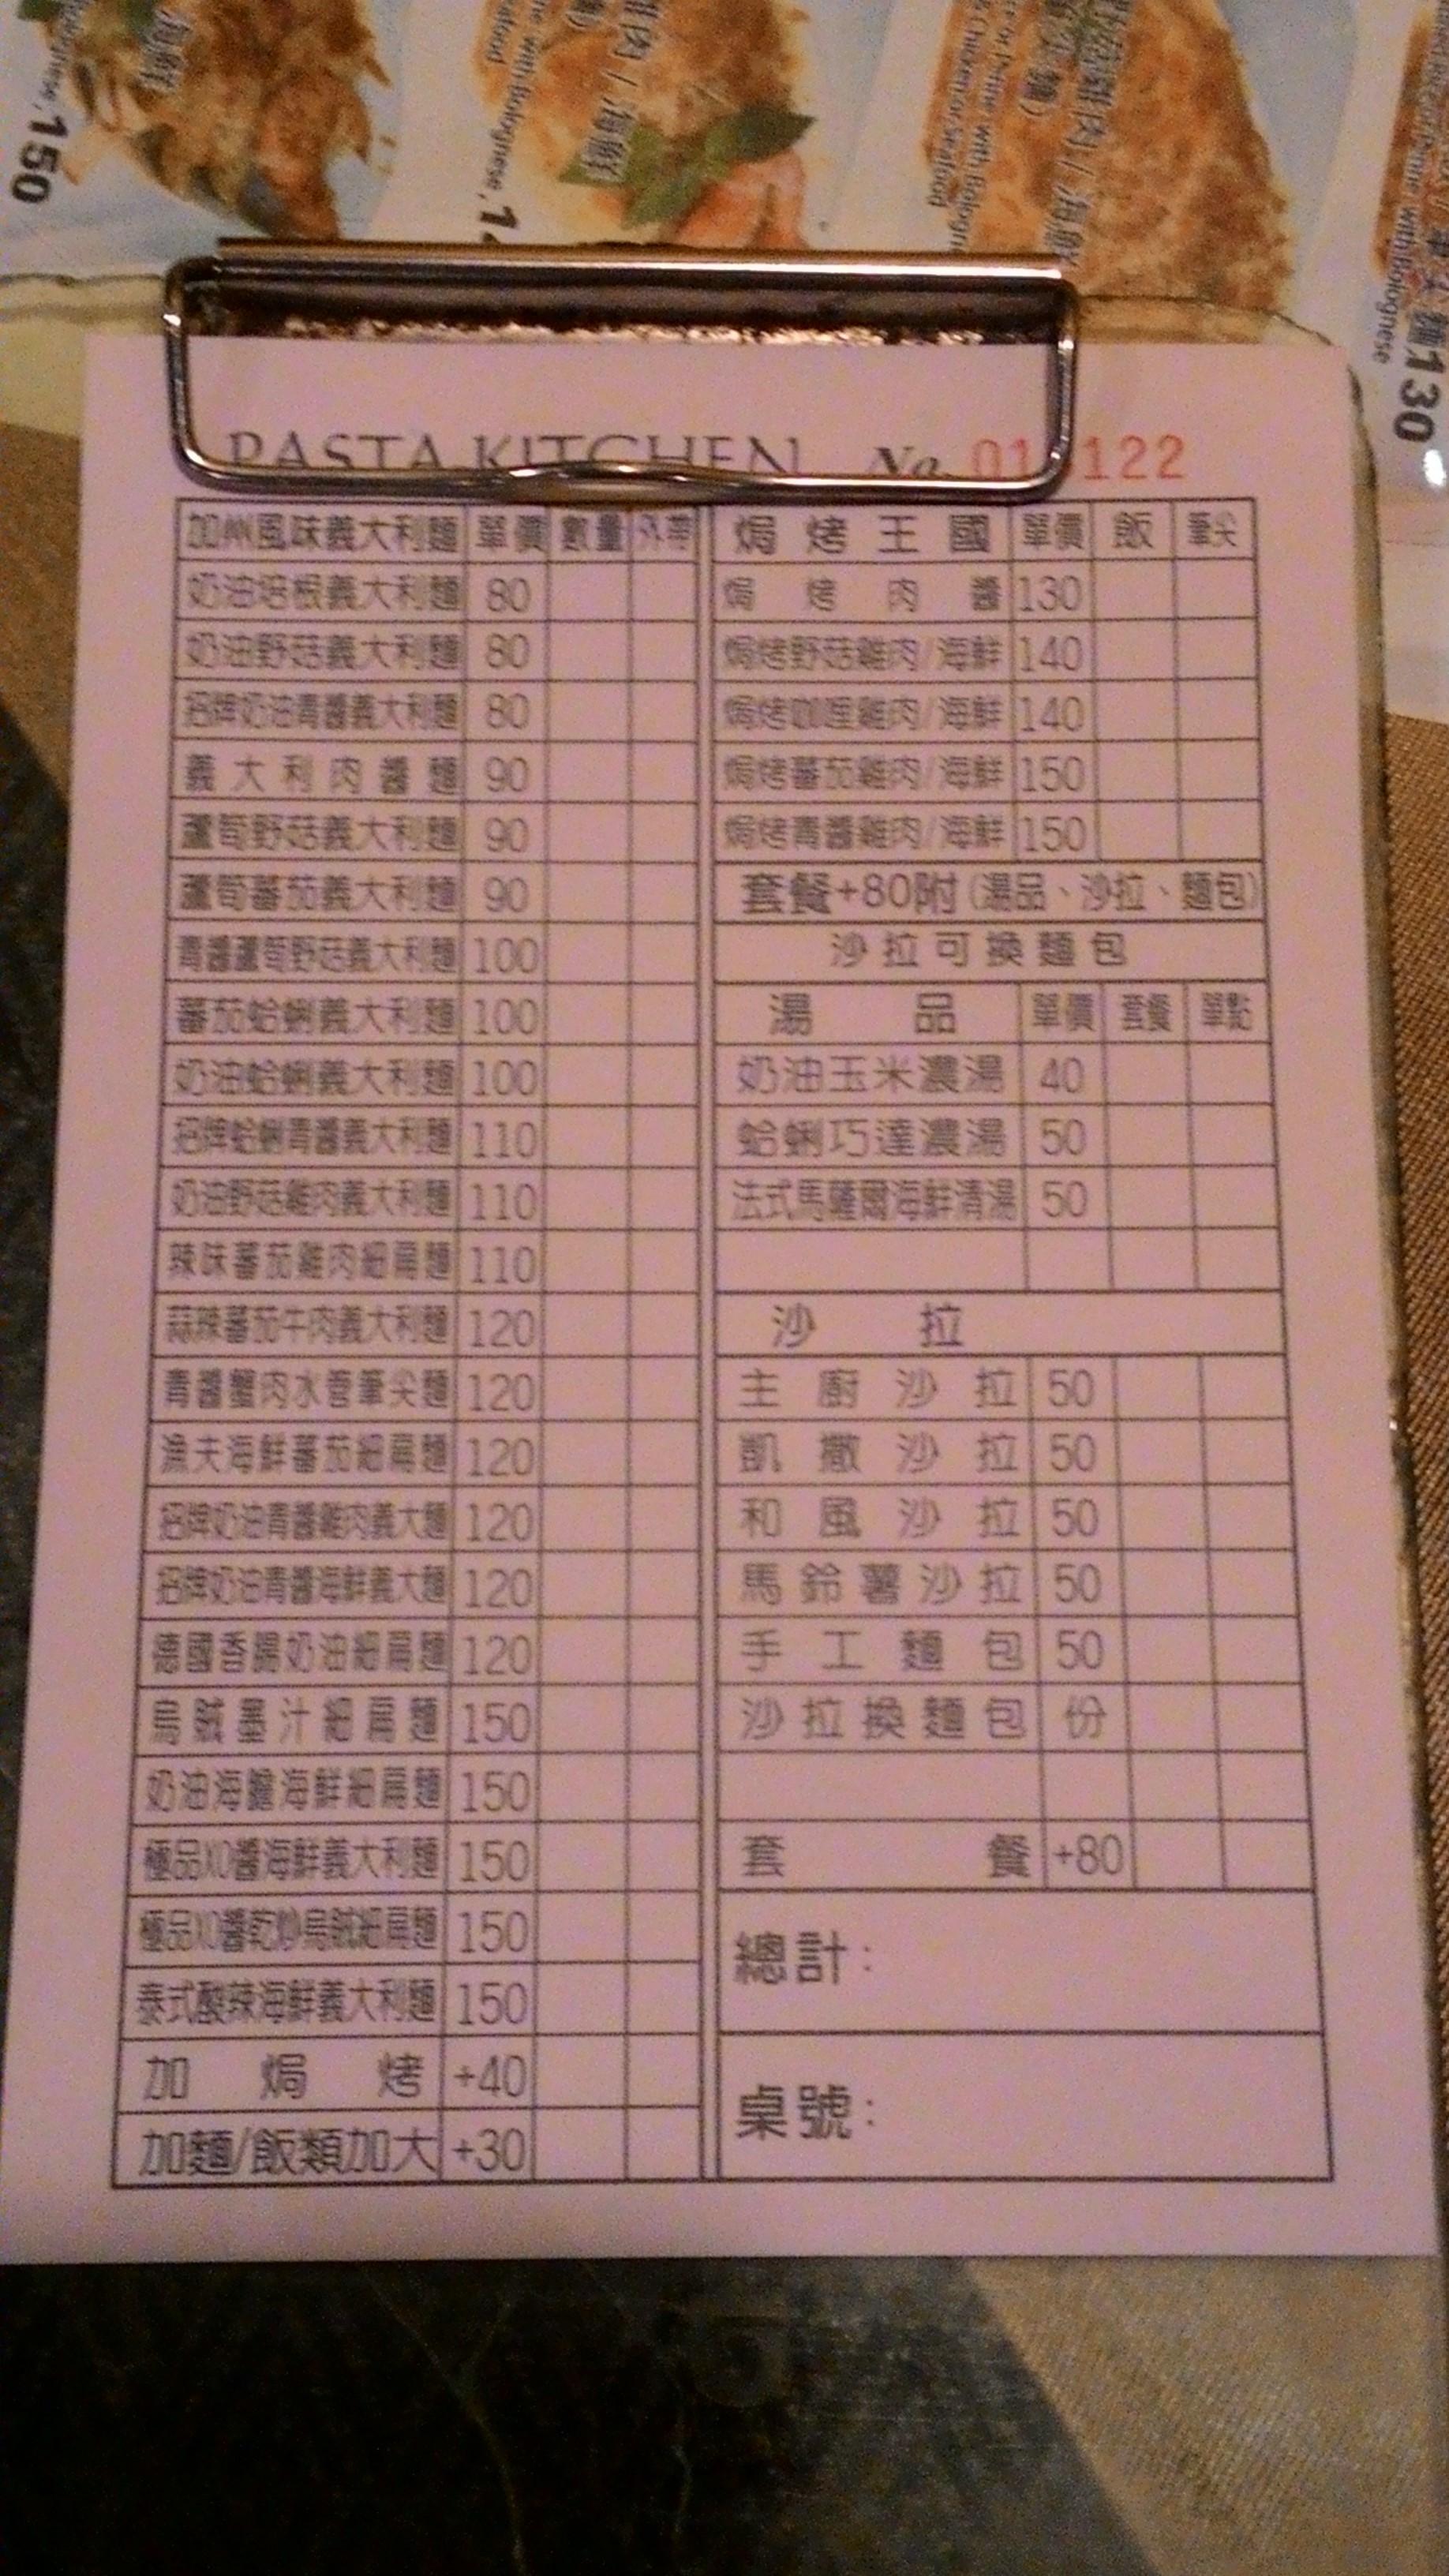 宜蘭.羅東/喬培義式廚房 價目表 菜單